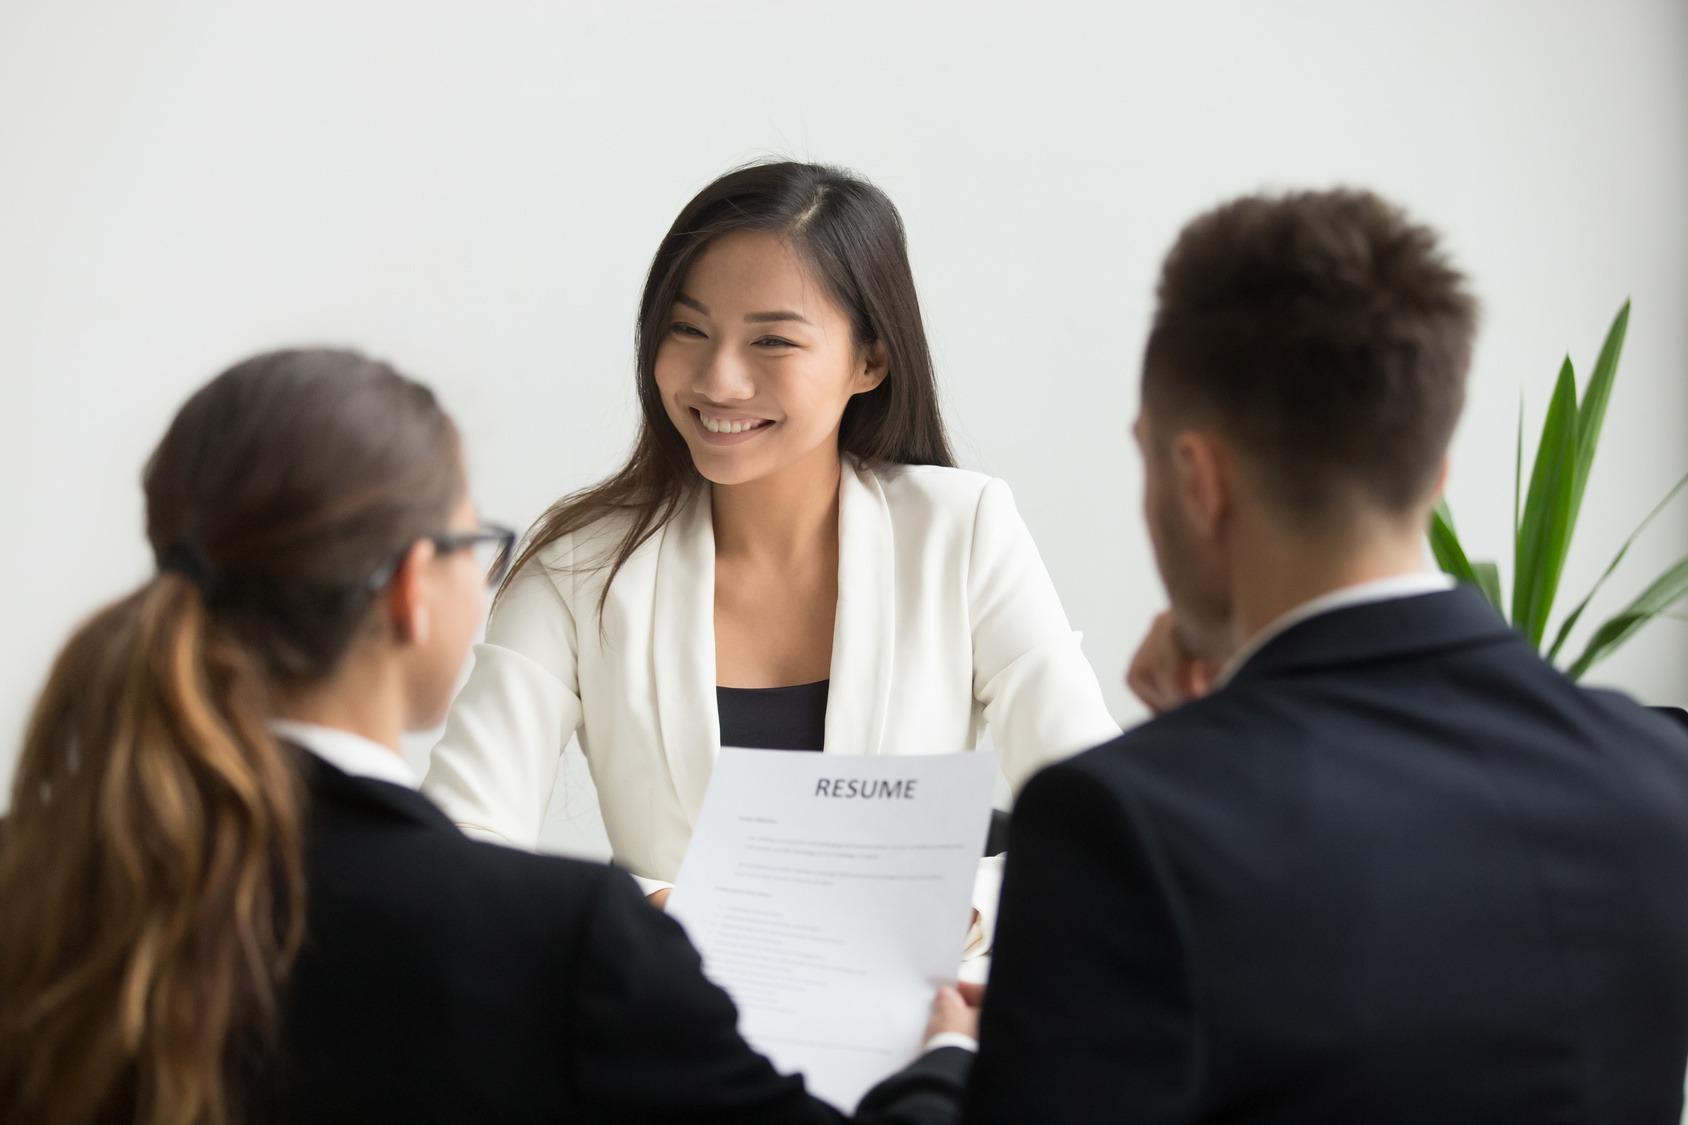 Eine junge Bewerberin ist selbstsicher beim Vorstellungsgespräch weil sie ihre Rhetorik geübt hat.